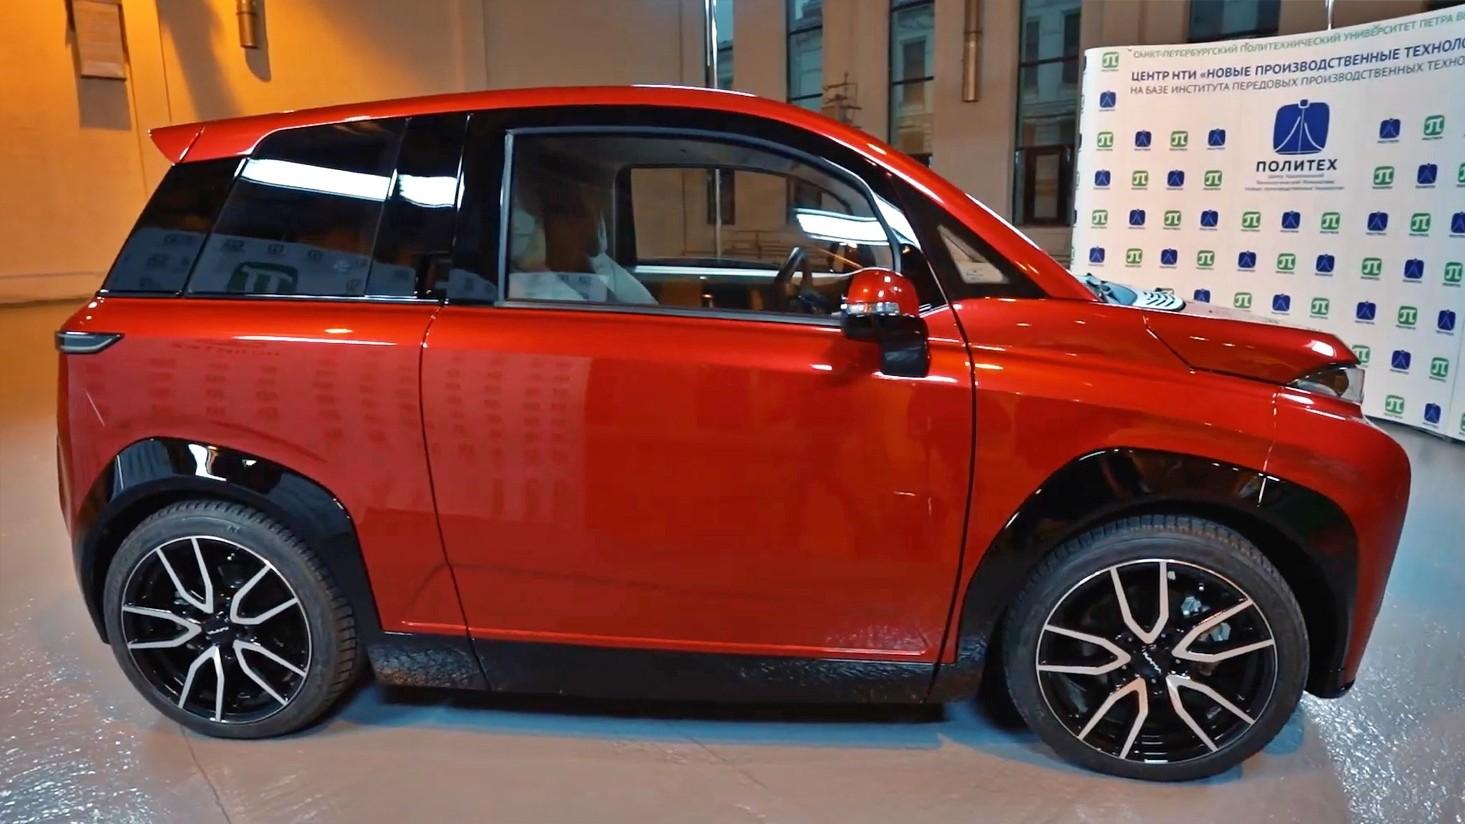 Новая виртуальность: представлен российский электромобиль Кама-1 авто,авто и мото,автосалон,водителю на заметку,машины,новости автомира,Россия,тюнинг